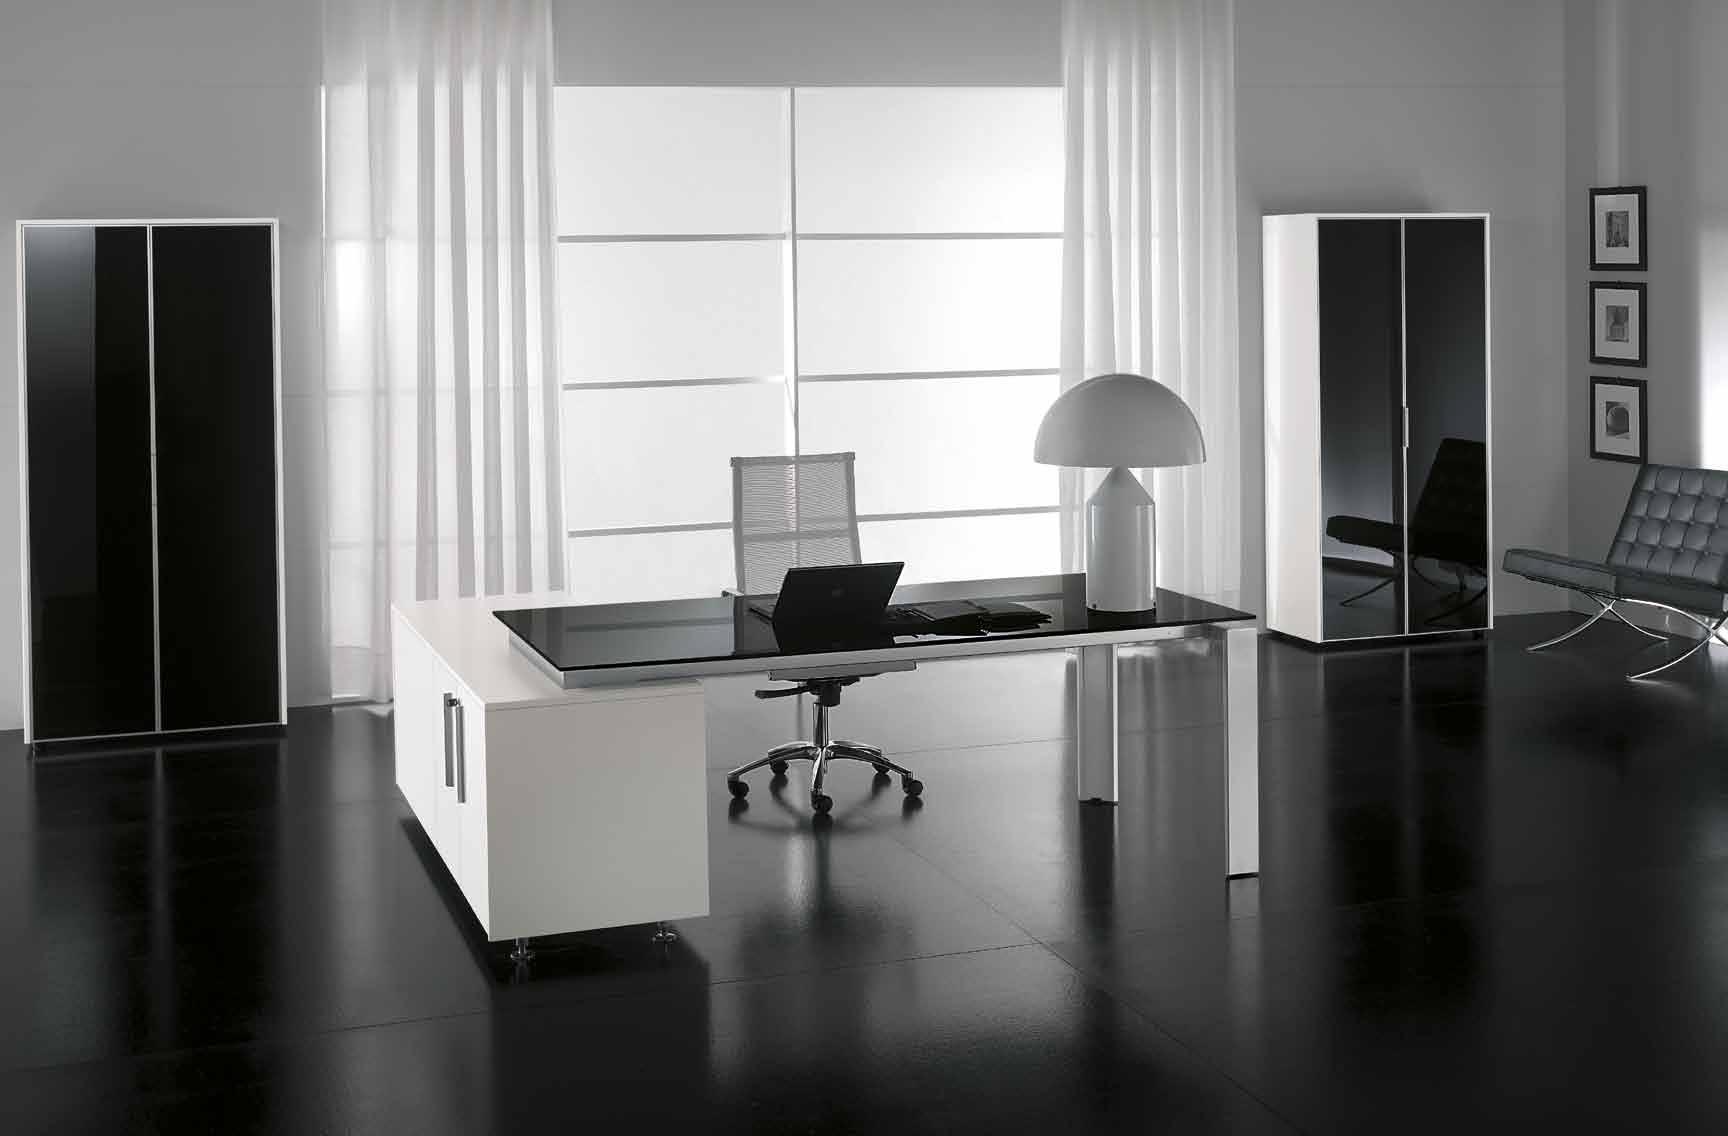 Uffici franzese arredamenti for Arredo ufficio